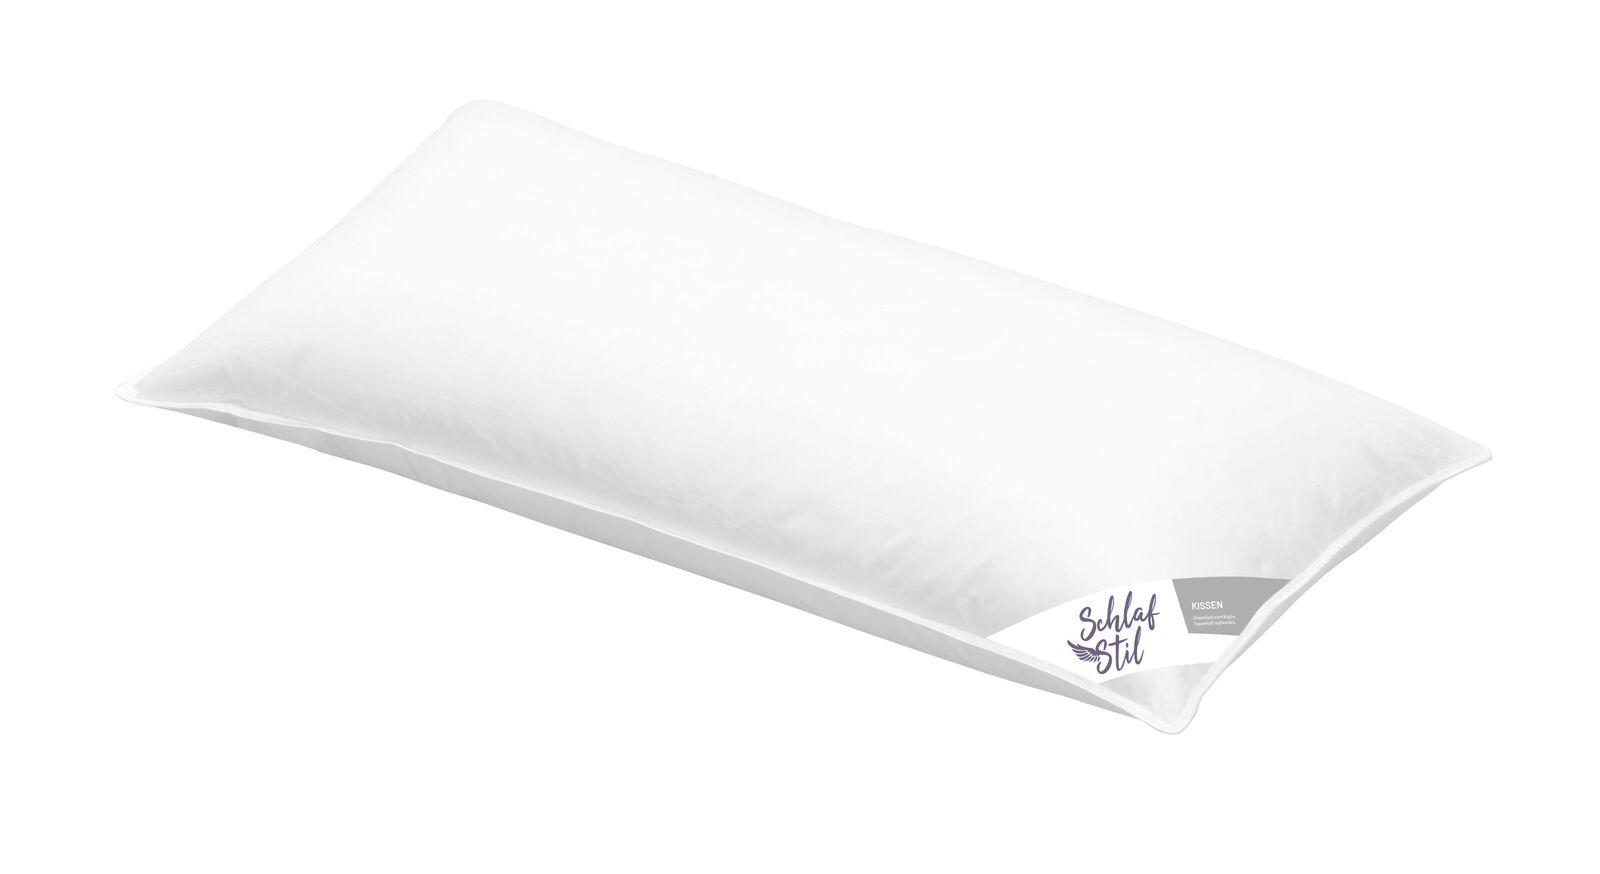 SCHLAFSTIL Markenfaser-Kissen F200 in 40x80 cm mit ungestepptem Bezug